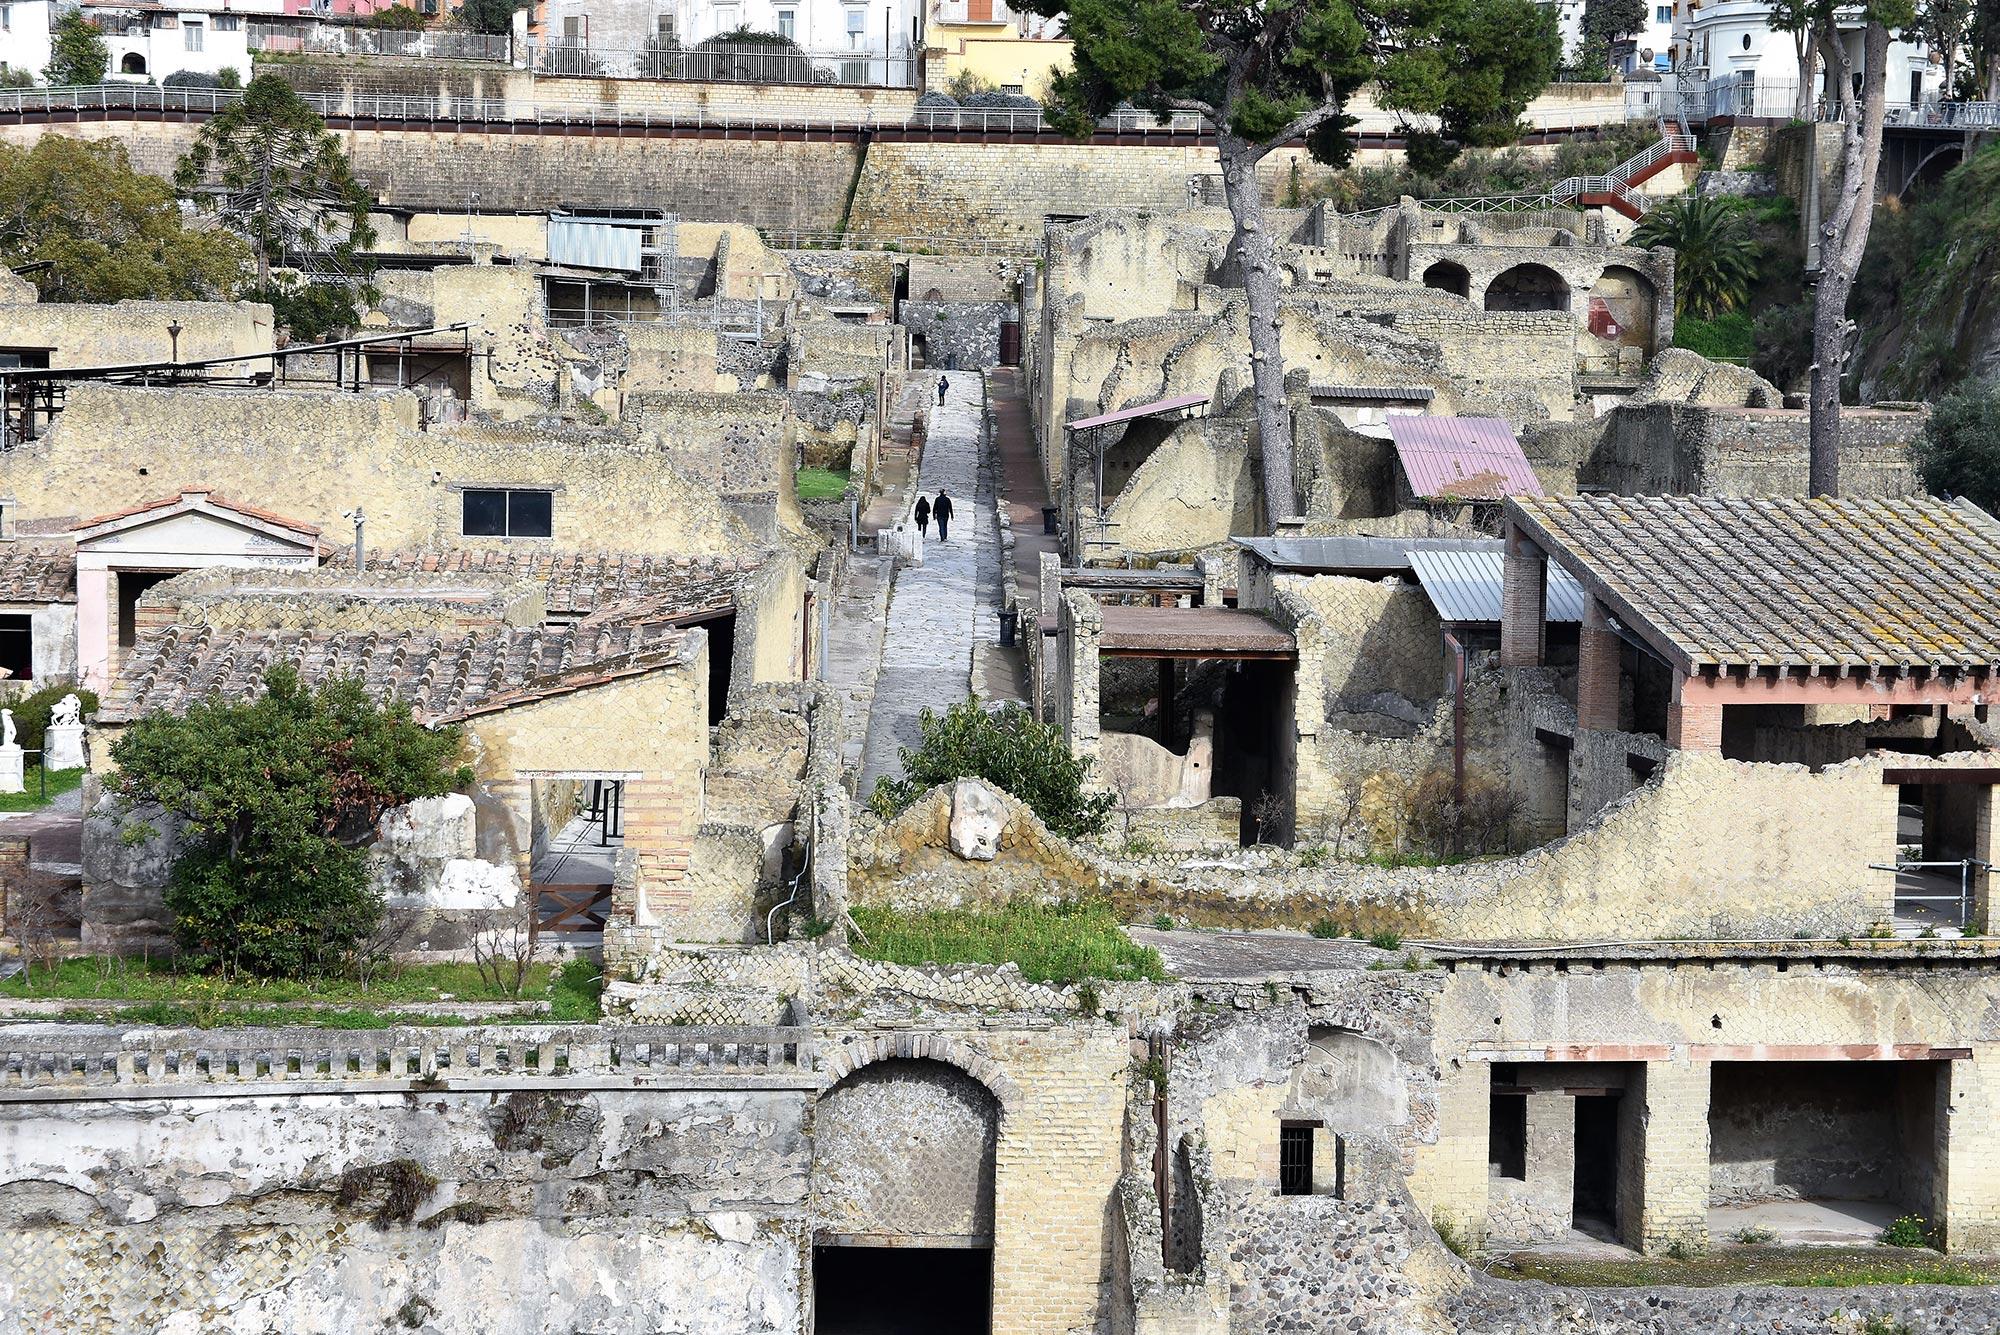 Παρελθόν και μέλλον στην «υπόγεια» Νάπολη